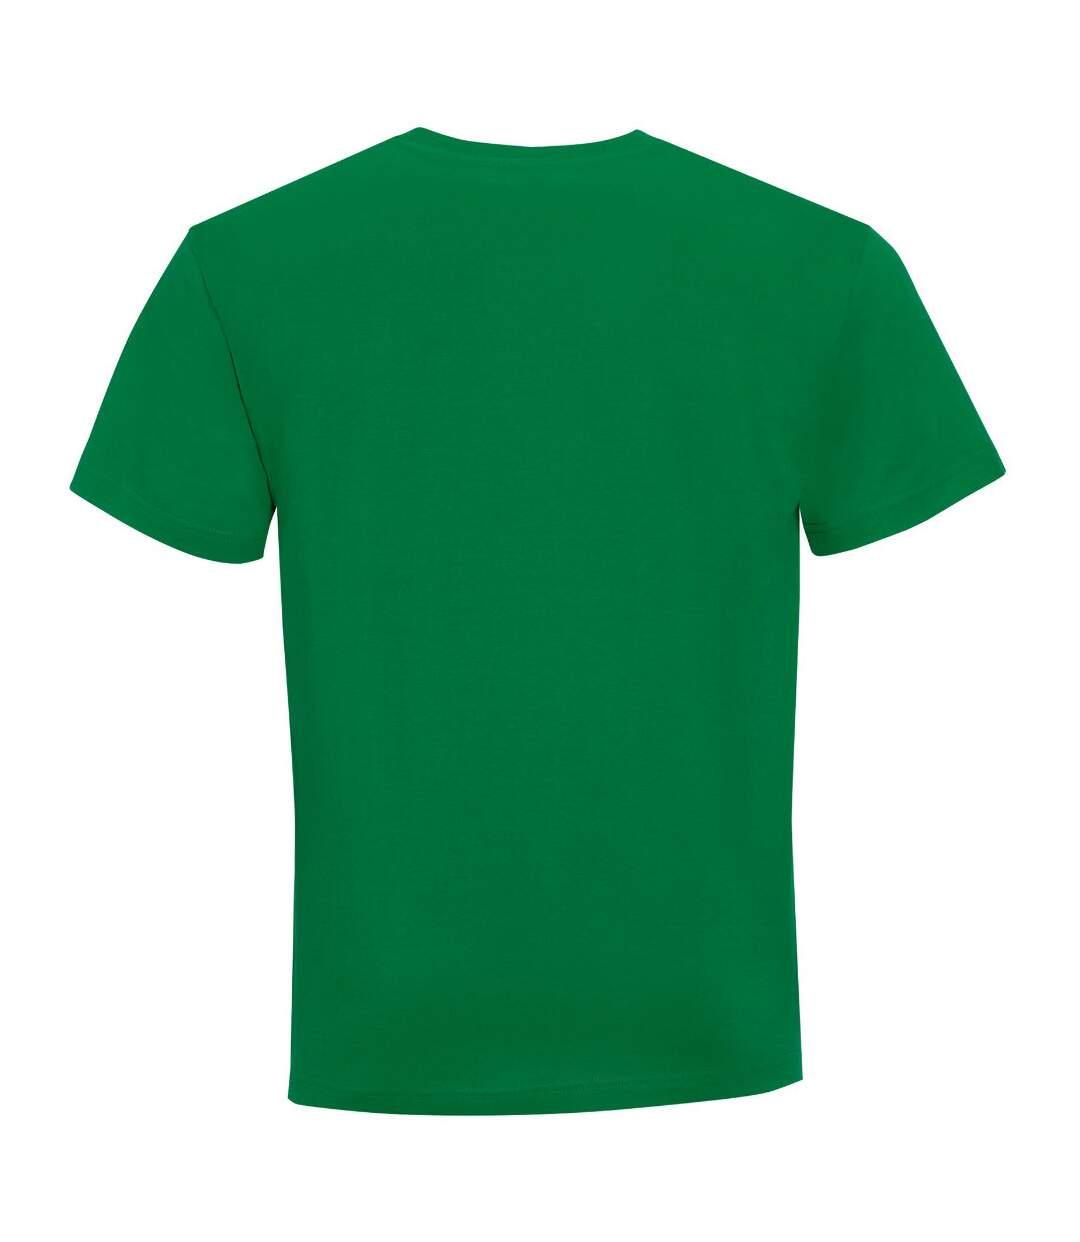 SOLS Mens Victory V Neck Short Sleeve T-Shirt (Kelly Green) - UTPC388